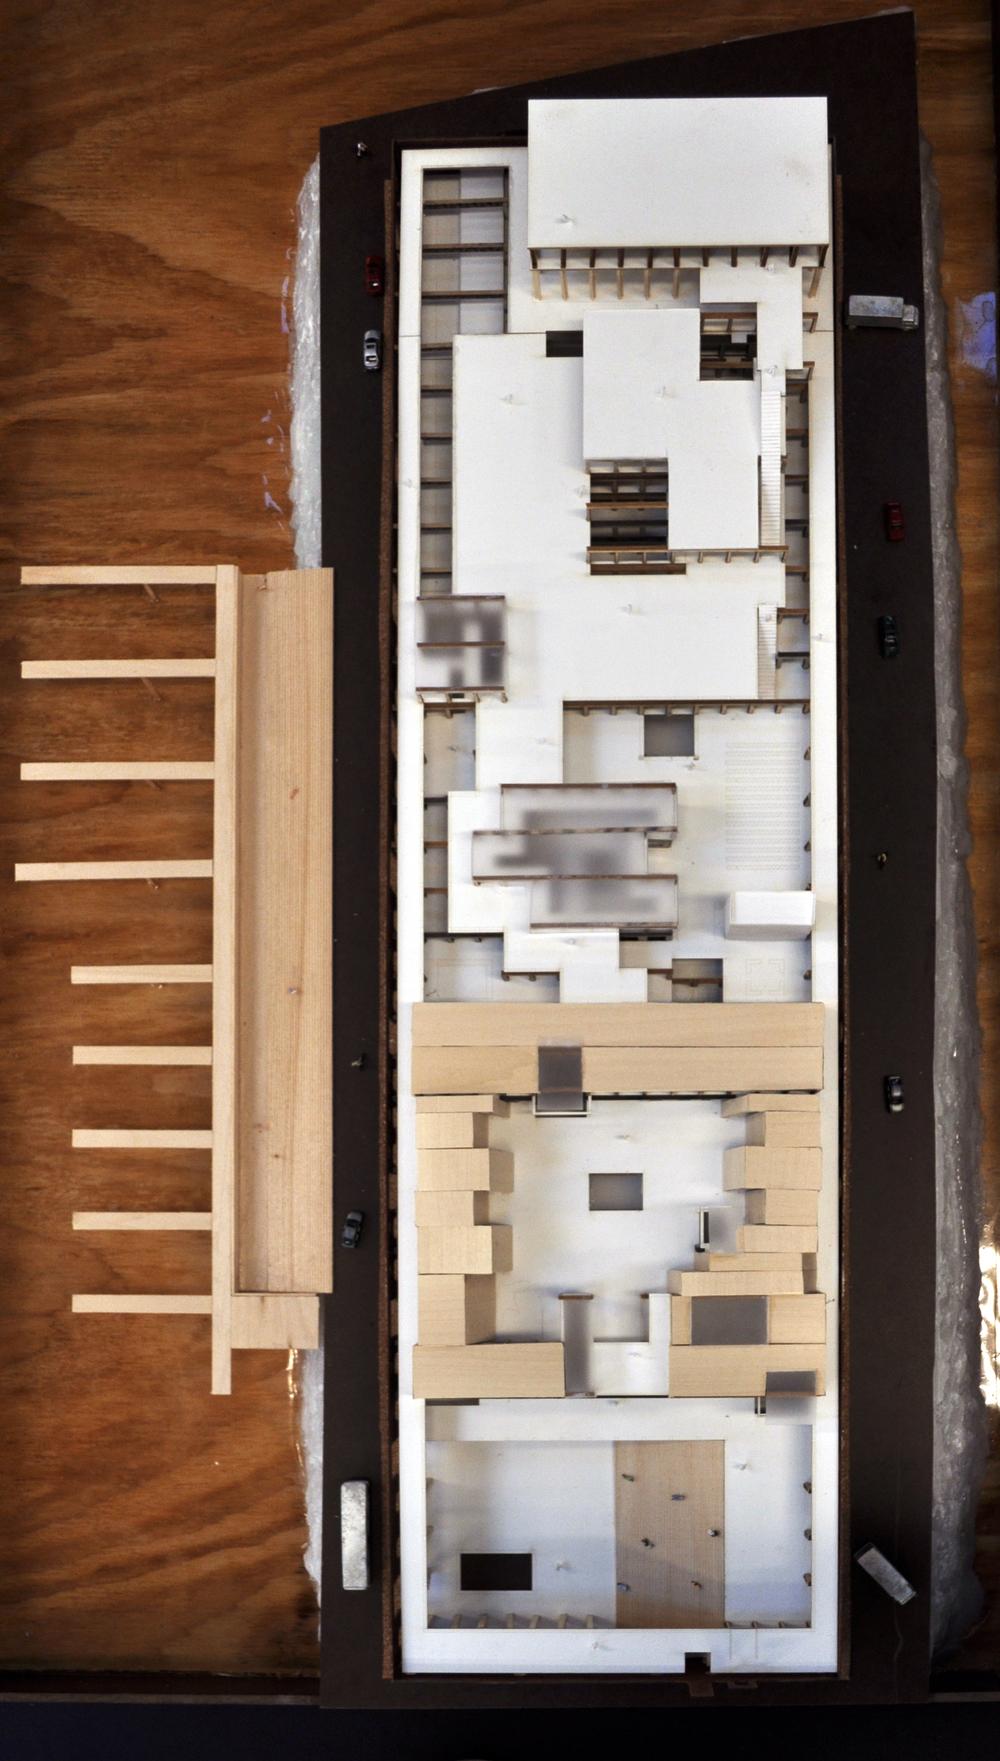 P1 Hipster Hospital model 2.jpg